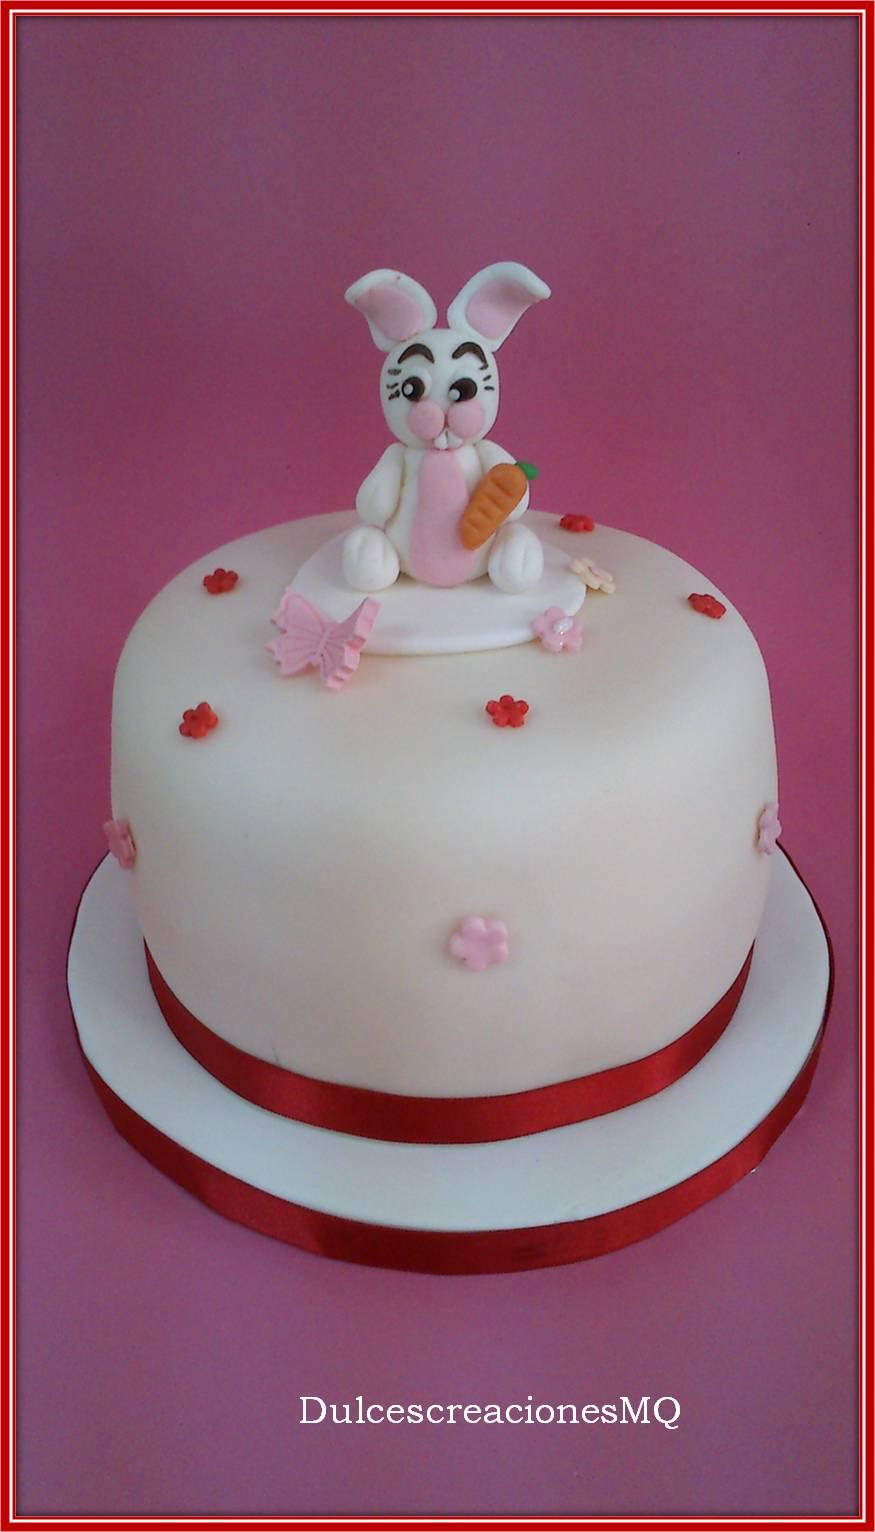 Pastel Pascua Conejito Conejo Fondant Tarta Mona Rosa Niña Cumpleaños Aniversario Dulce Bizcocho Victoria Sponge Cake Vainilla Esponjoso Dulce de Leche Merengue